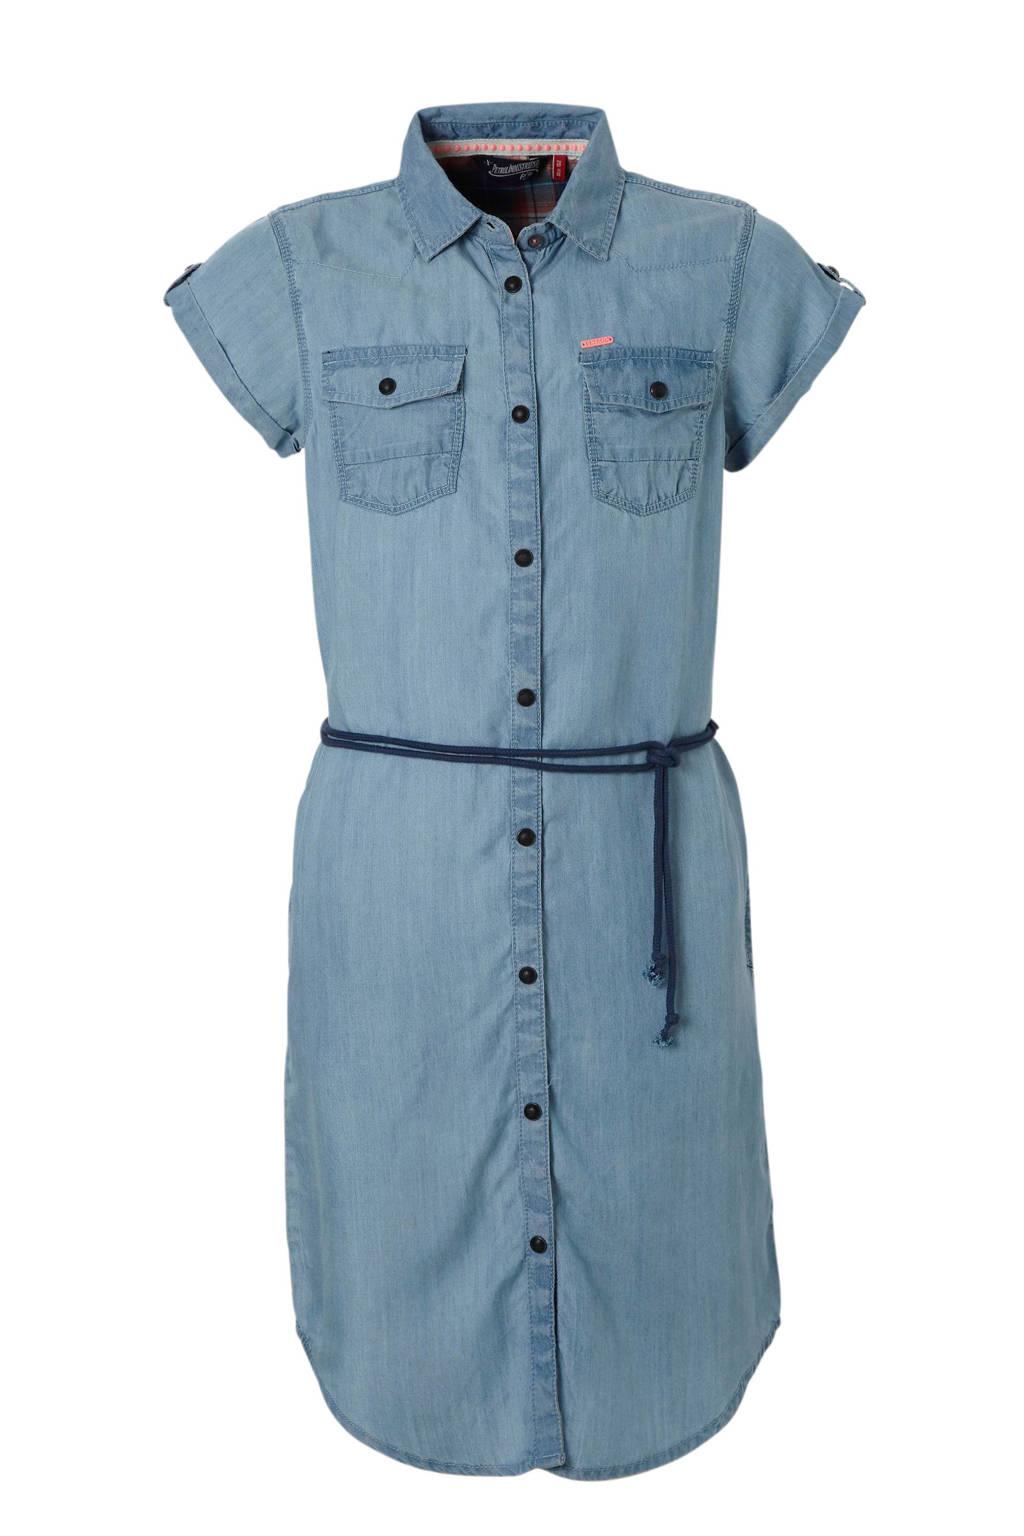 Petrol Industries denim look jurk met koord blauw, Blue denim